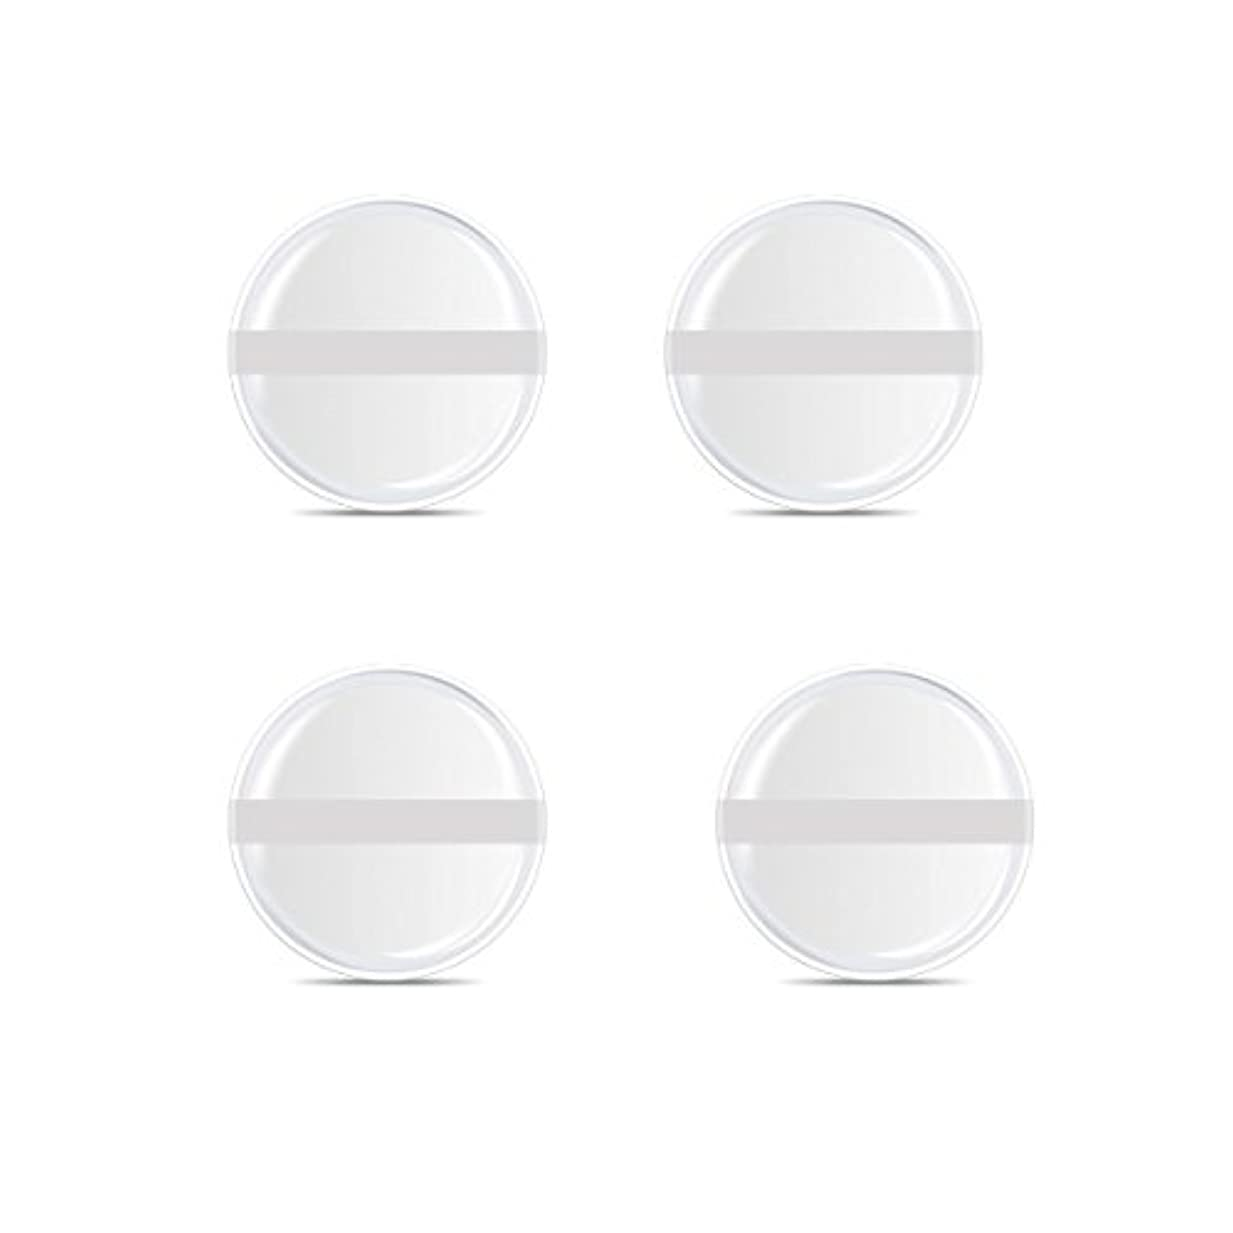 シリコンパフ 帯付き メイクスポンジ ゲルパフ ゼリーパフ 清潔しやすい衛生 柔らかく 透明な 4枚入 (円形 4入り)